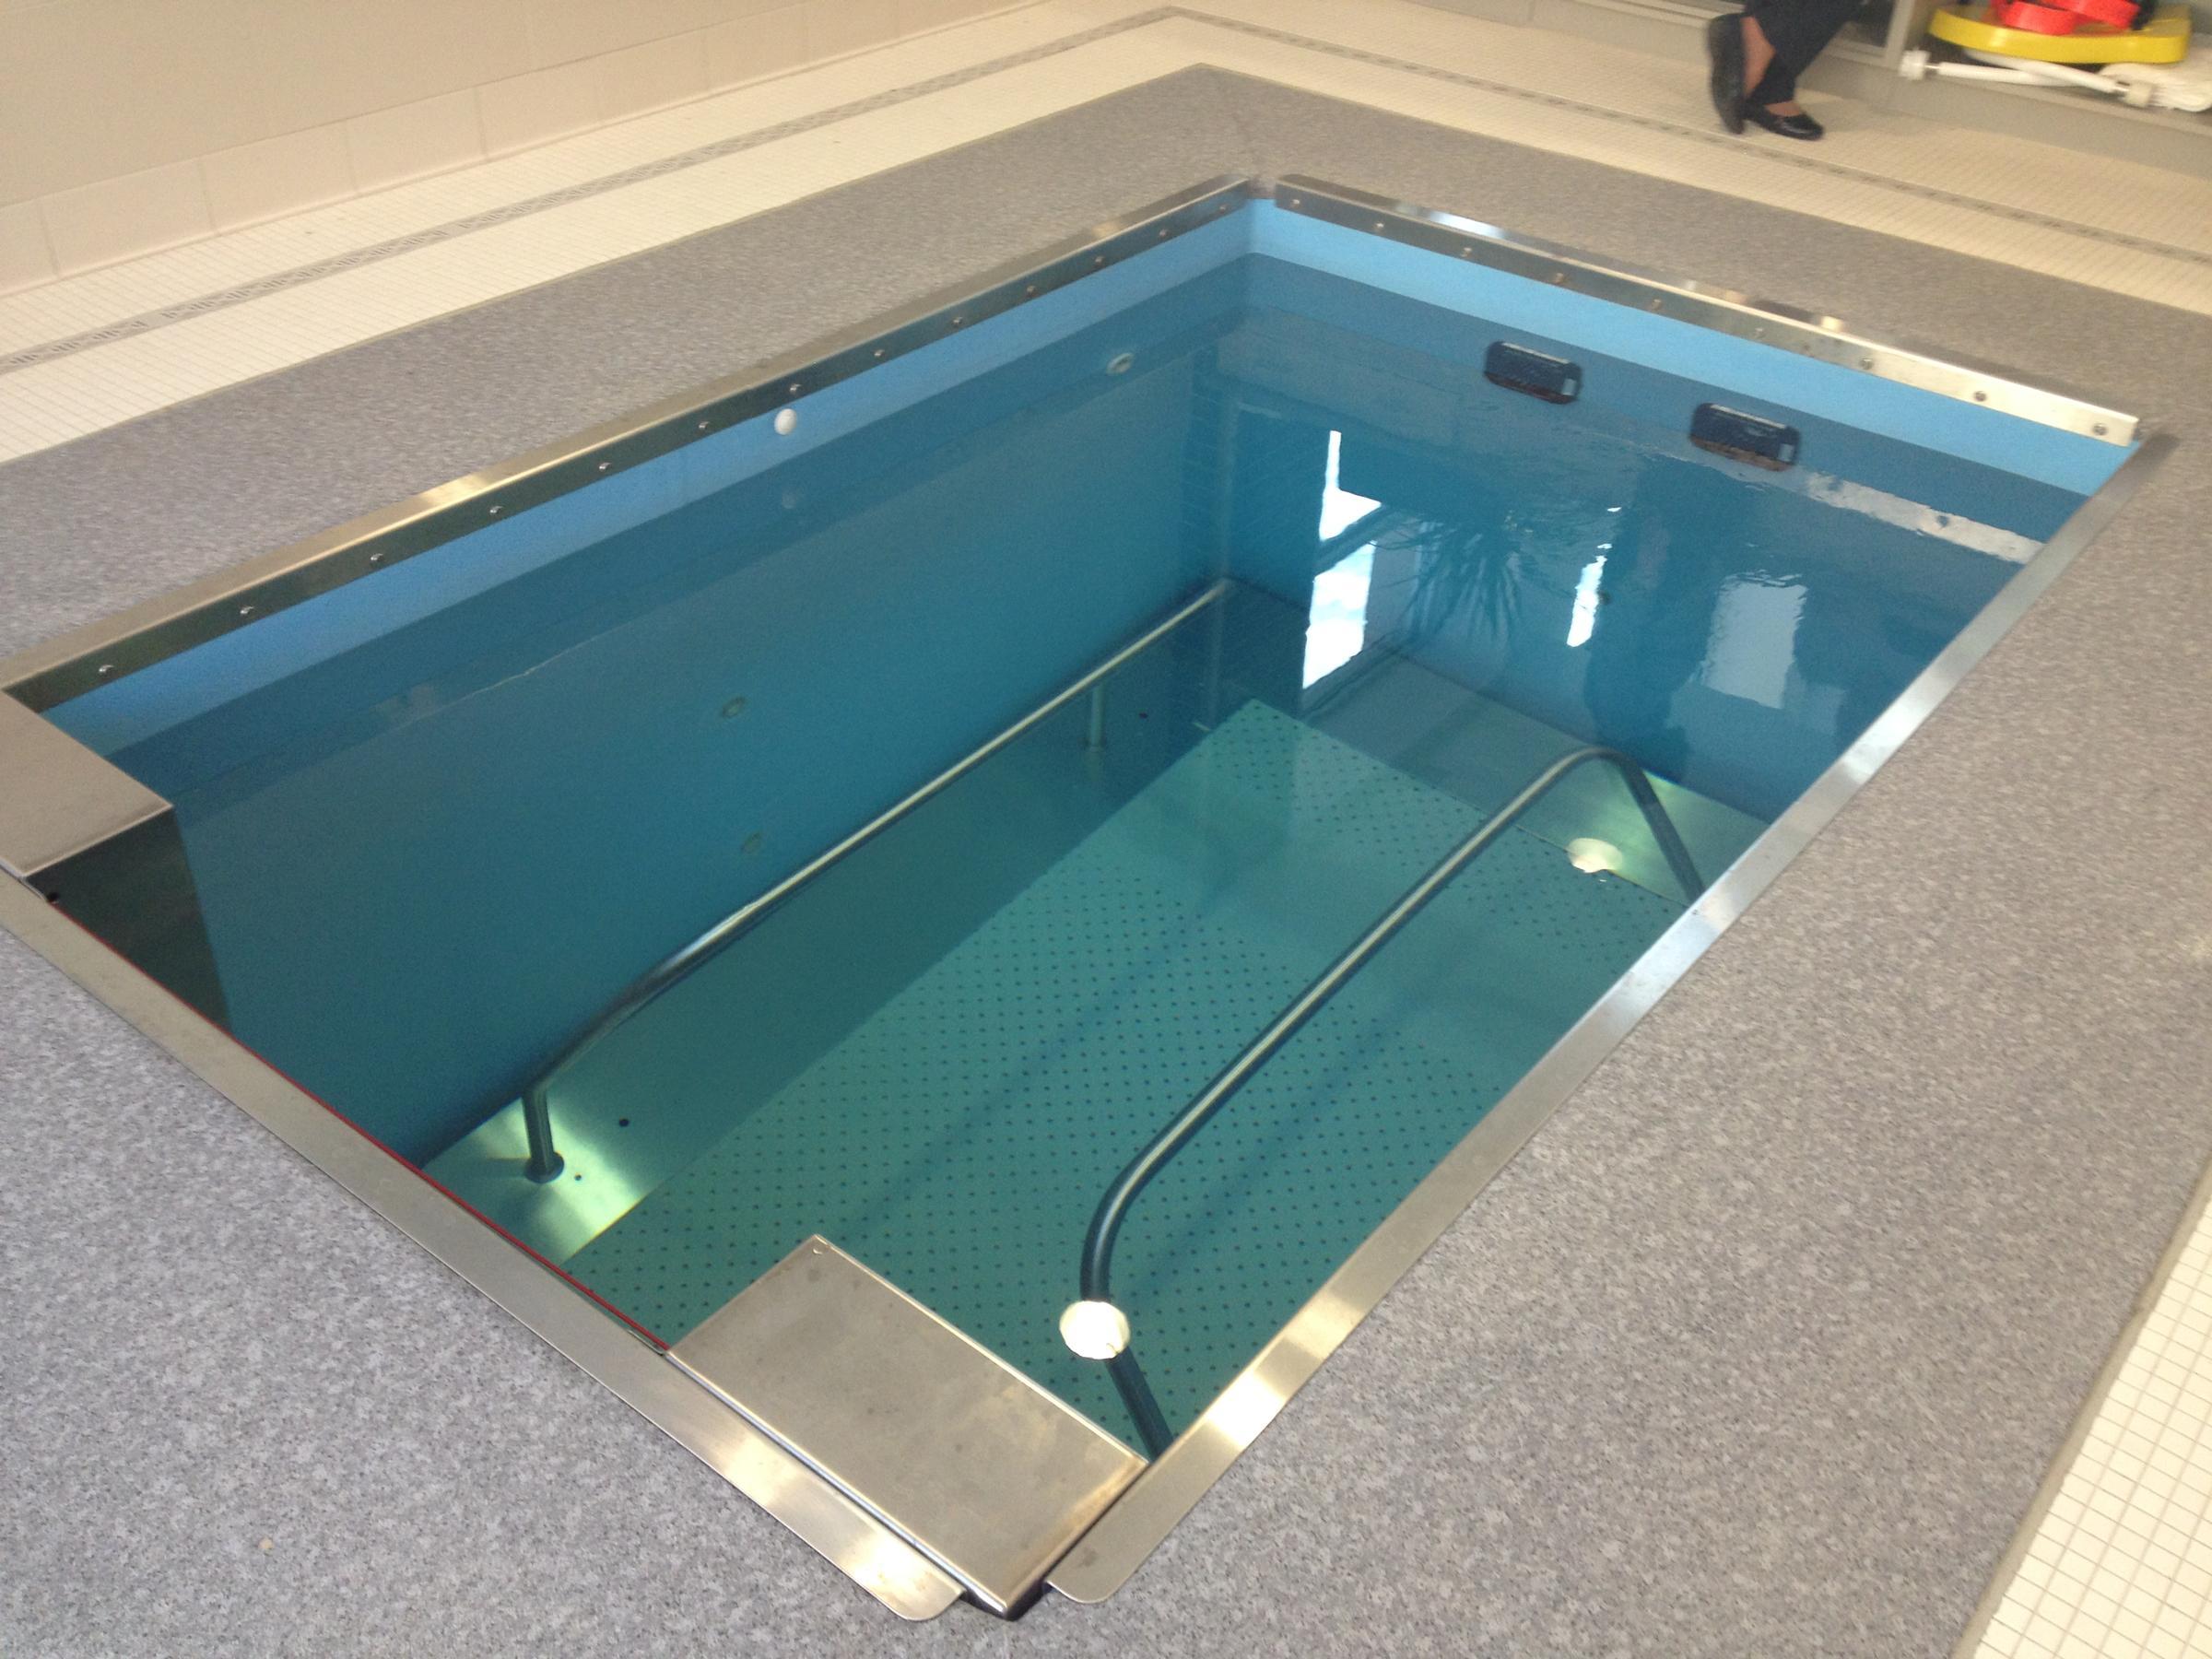 Cedar Village Pool Doubles As Treadmill Wvxu